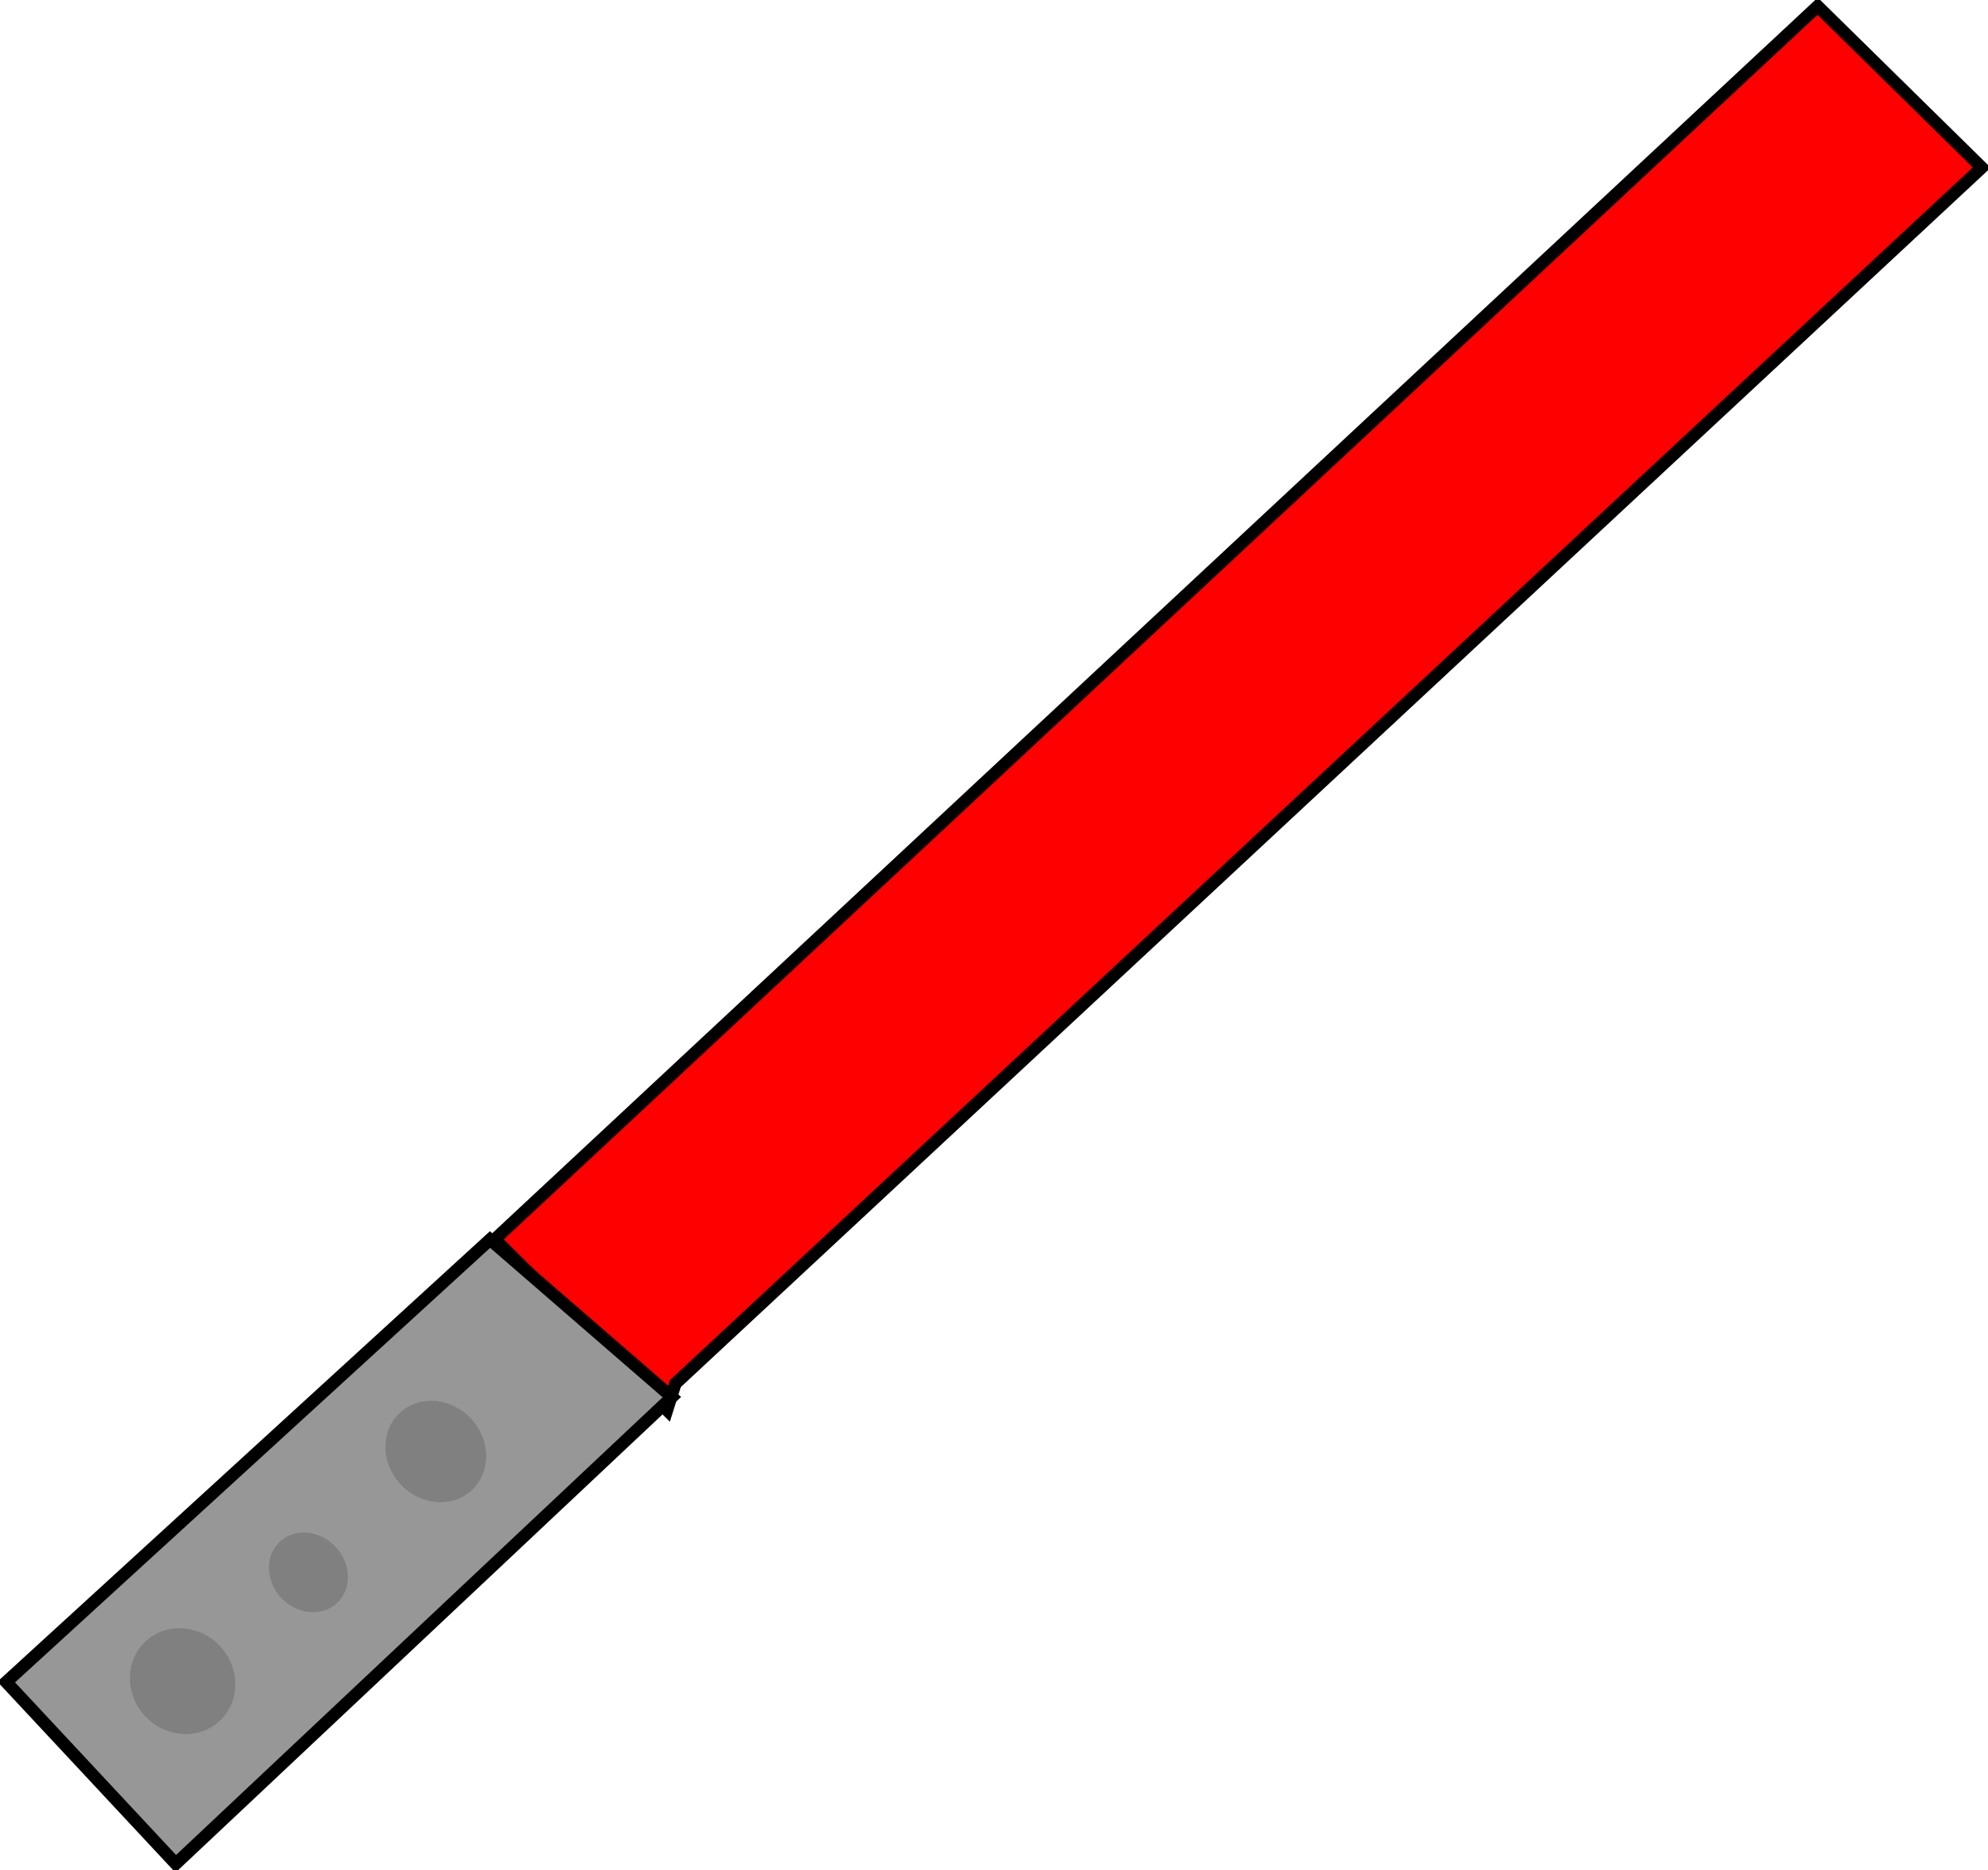 Starwars clipart light saber. Red big image png